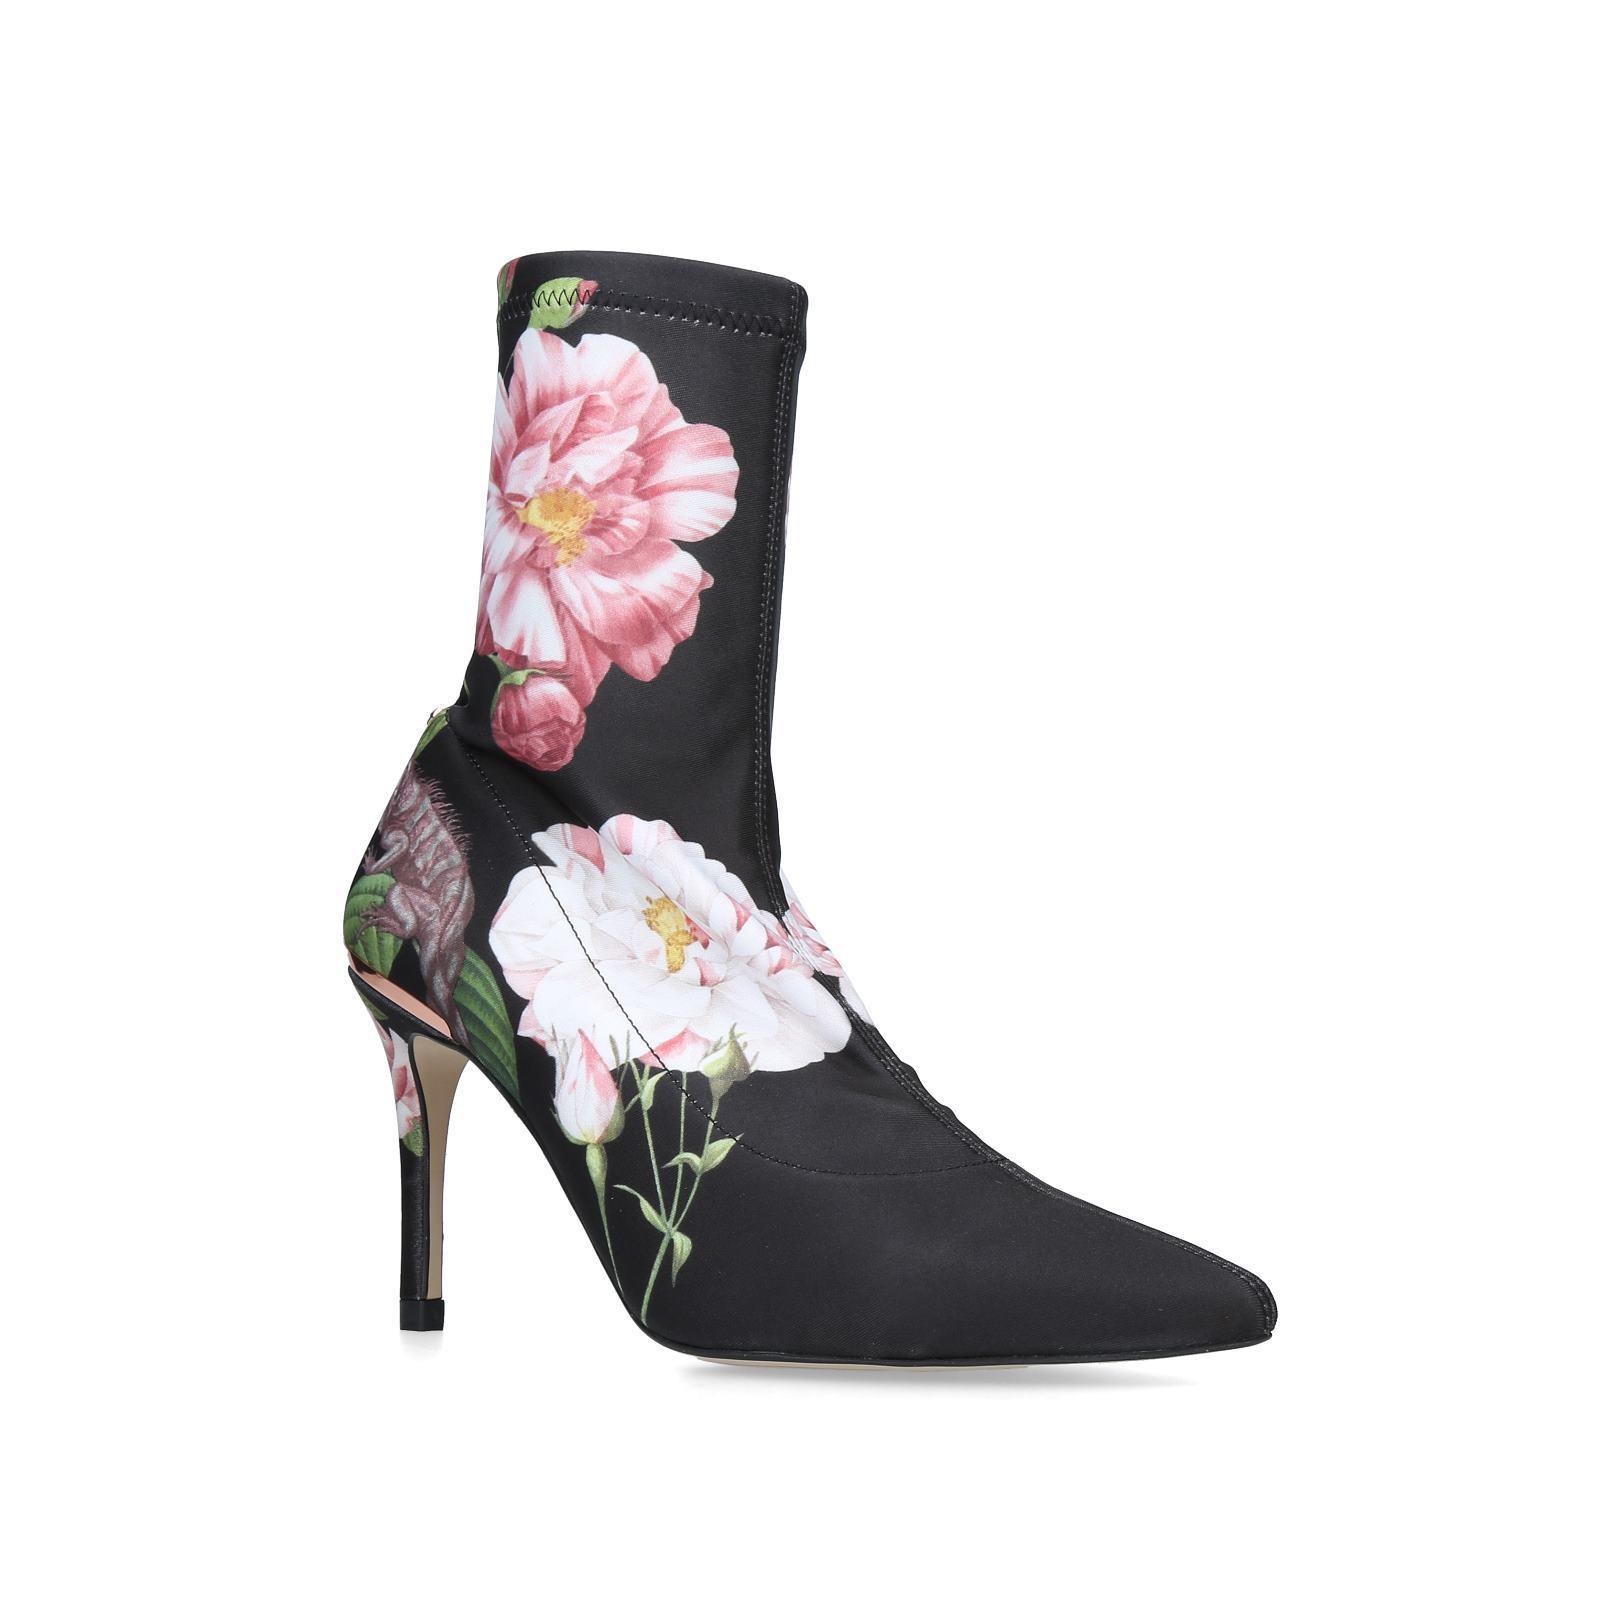 0f93517ce ELIZABETH elizabeth ted baker black floral sock boots by TED BAKER